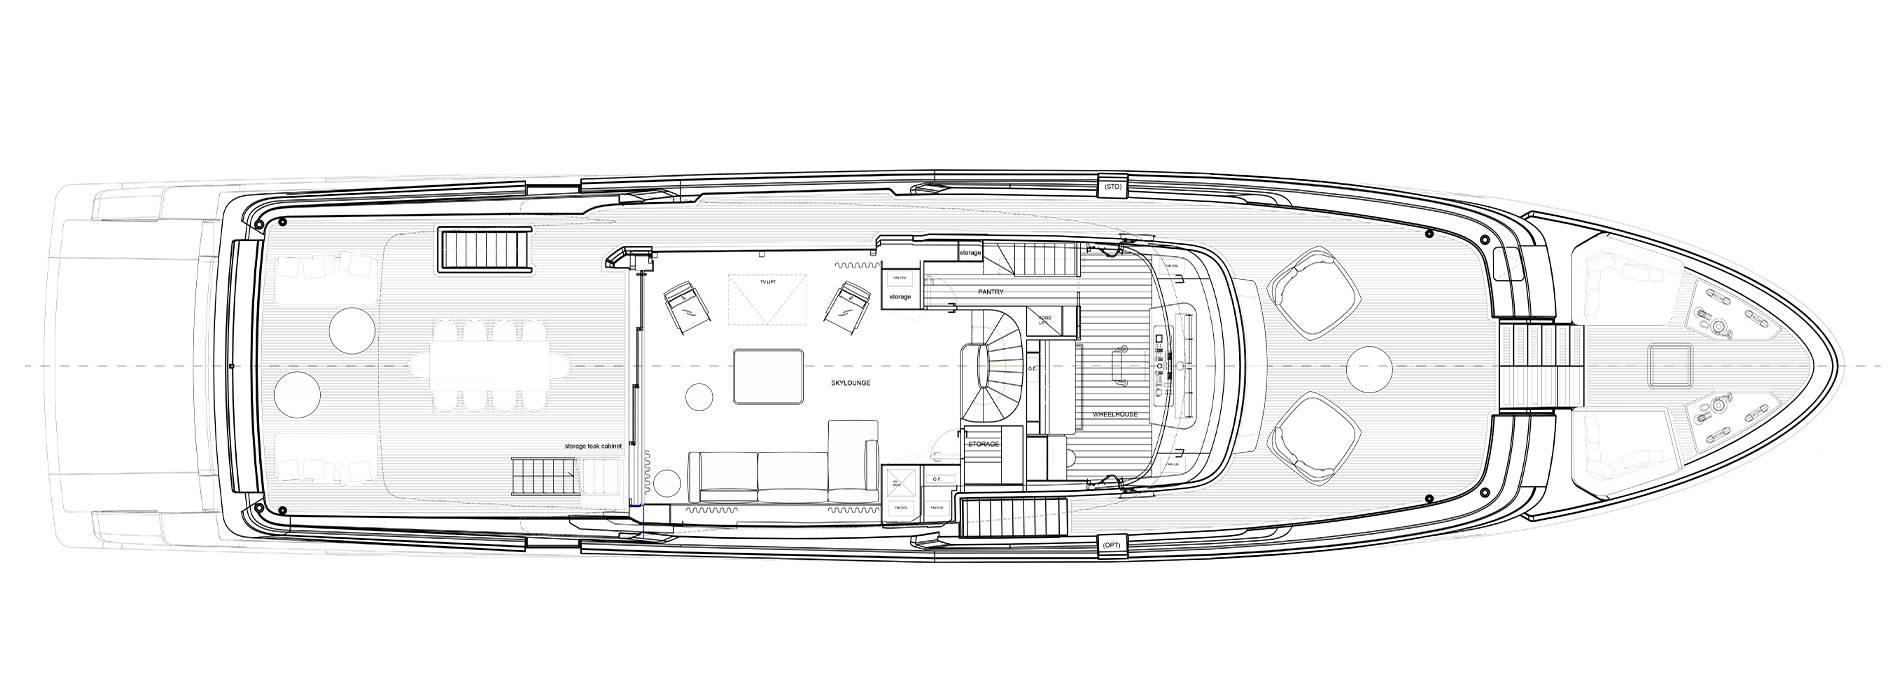 Sanlorenzo Yachts SD118 Upper deck